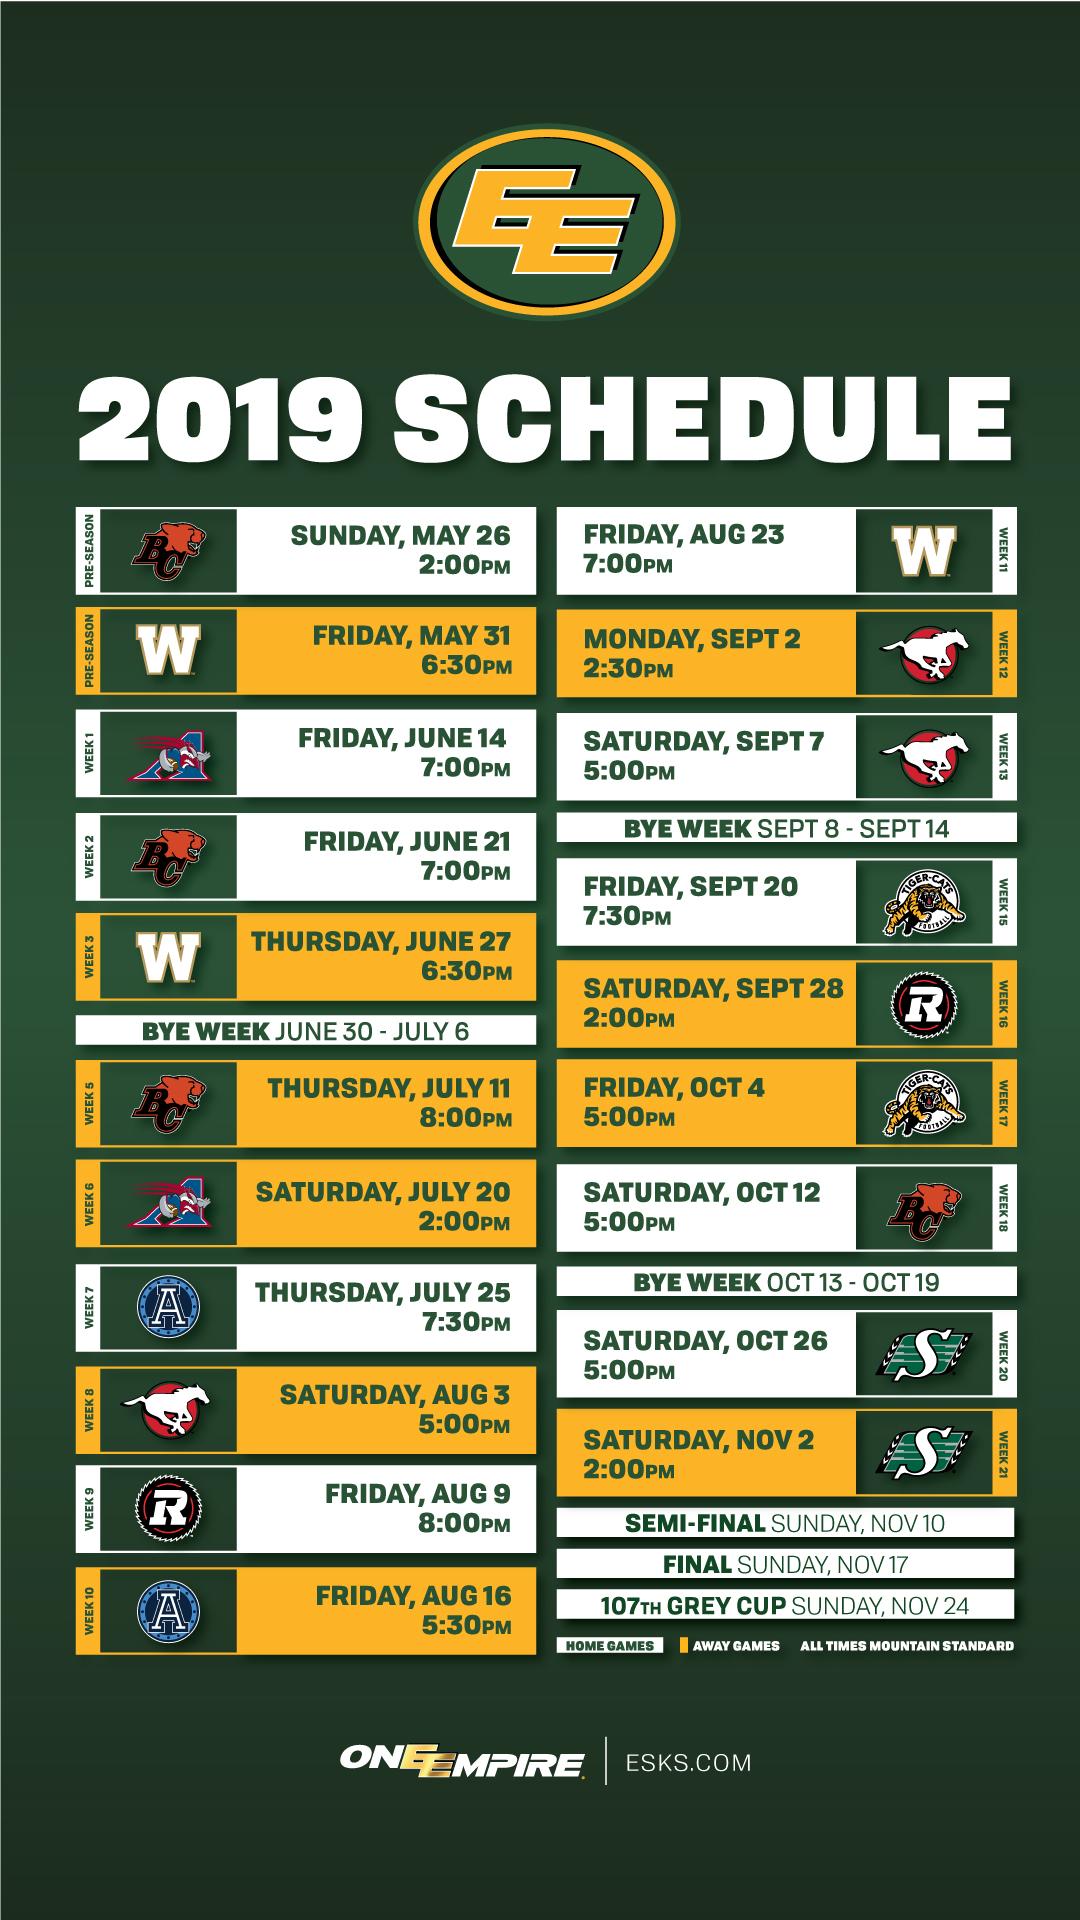 2019 schedule wallpaper - edmonton eskimos